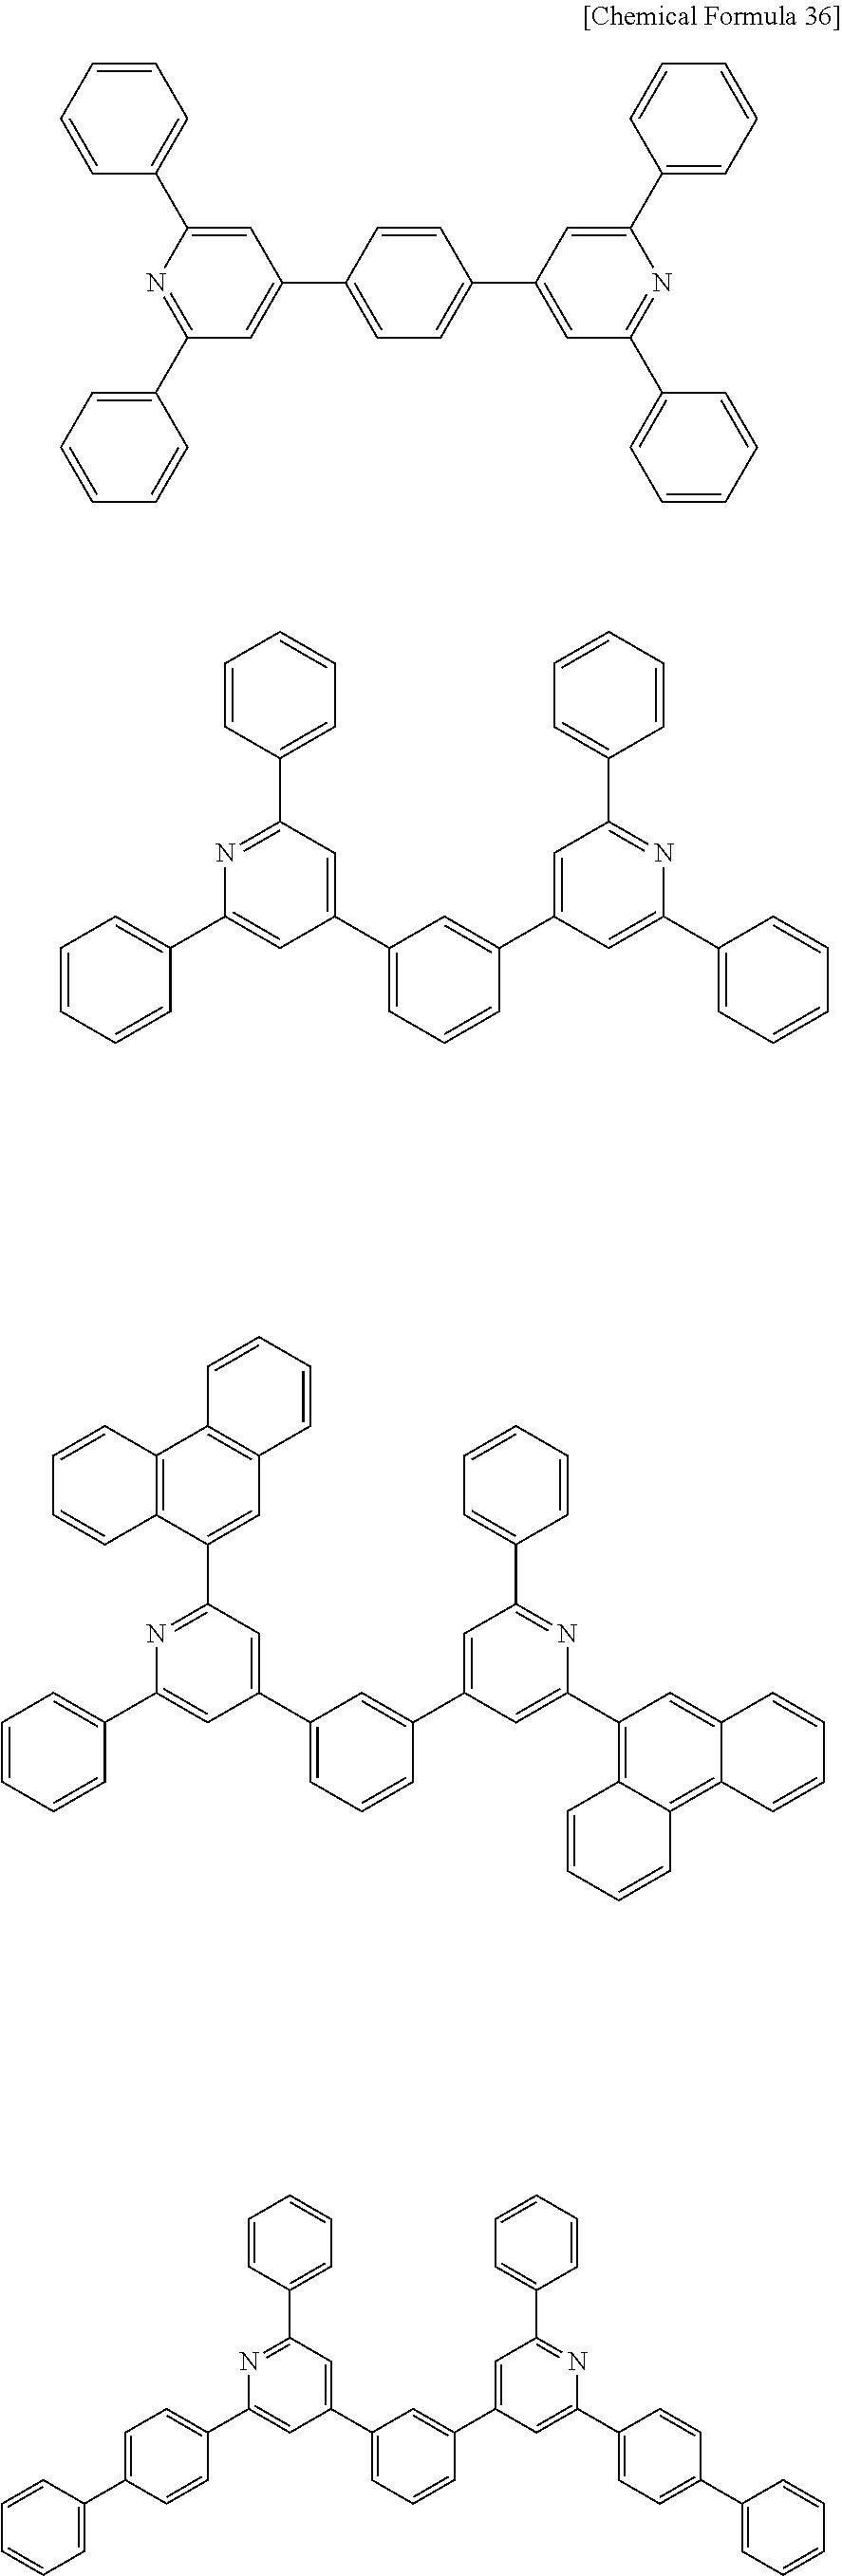 Figure US20110215312A1-20110908-C00076